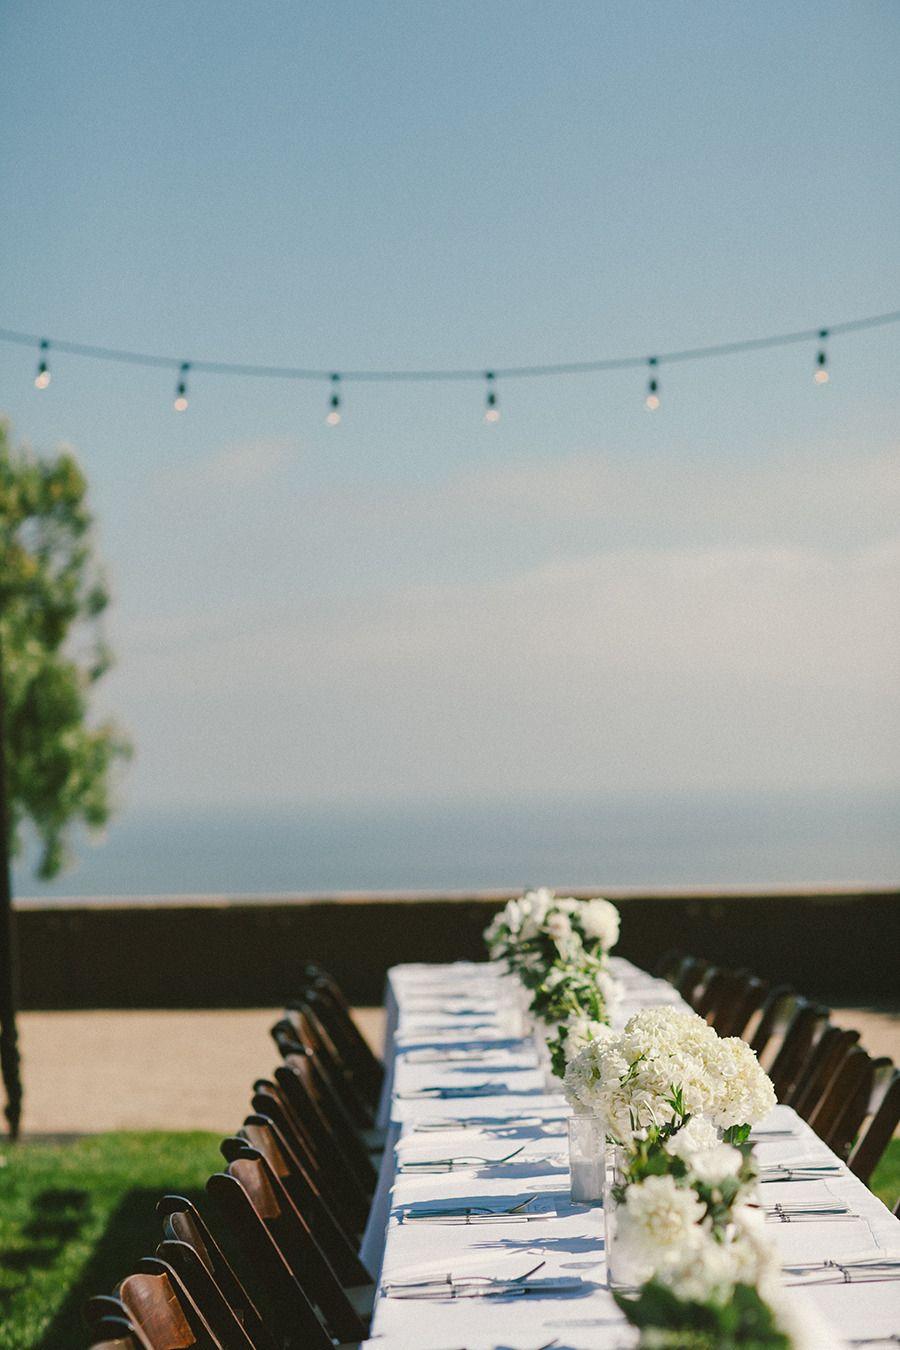 #Wedding #Tablescape #WhiteFlowers   #AlFresco   Photography: EmilyBlakePhoto.com